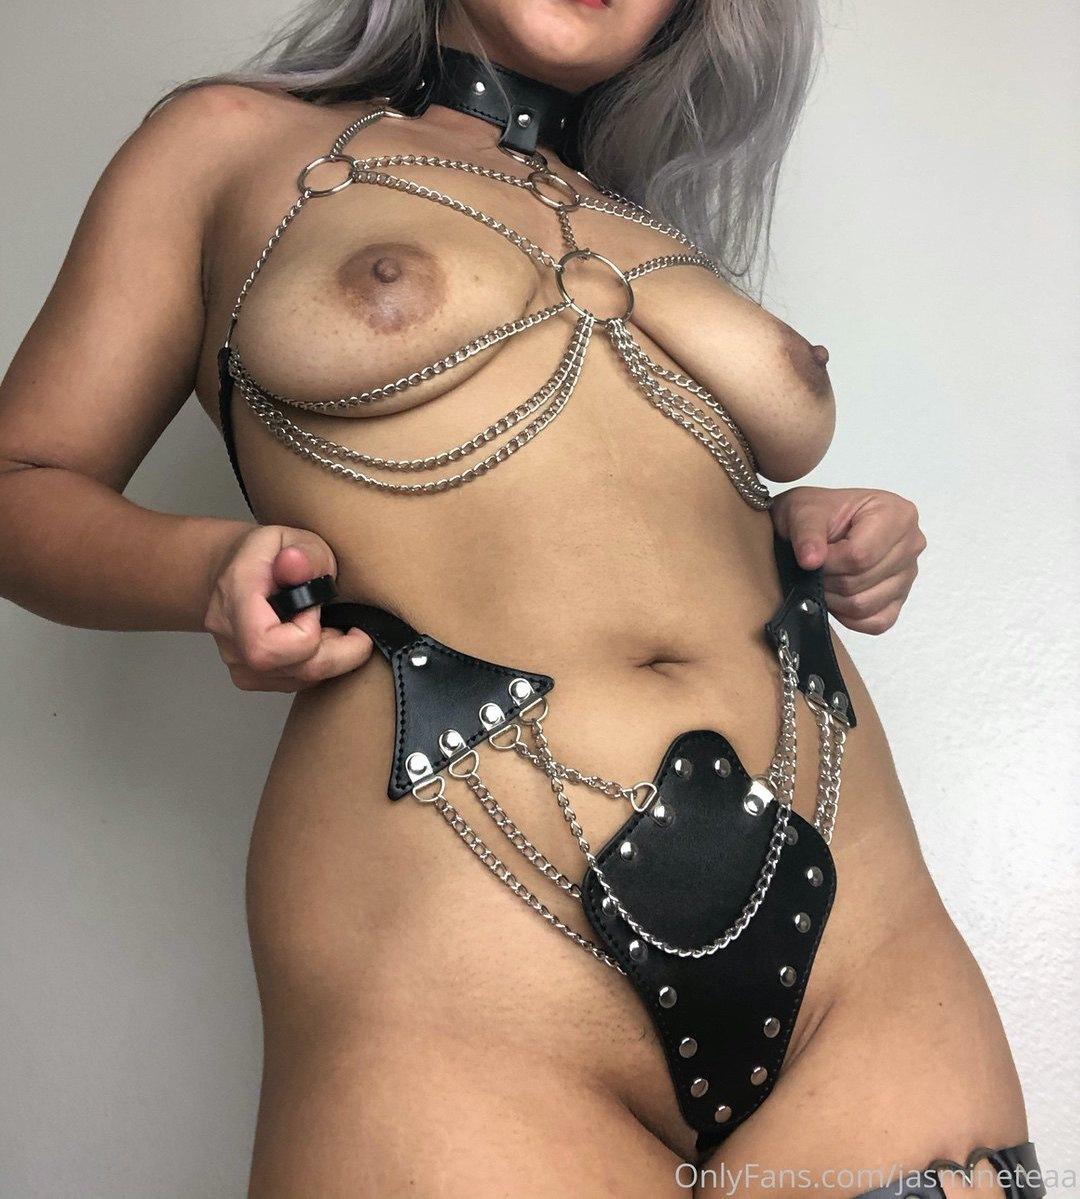 Jasmine Teaa Jasmineteaa Onlyfans Nudes Leaks 0026